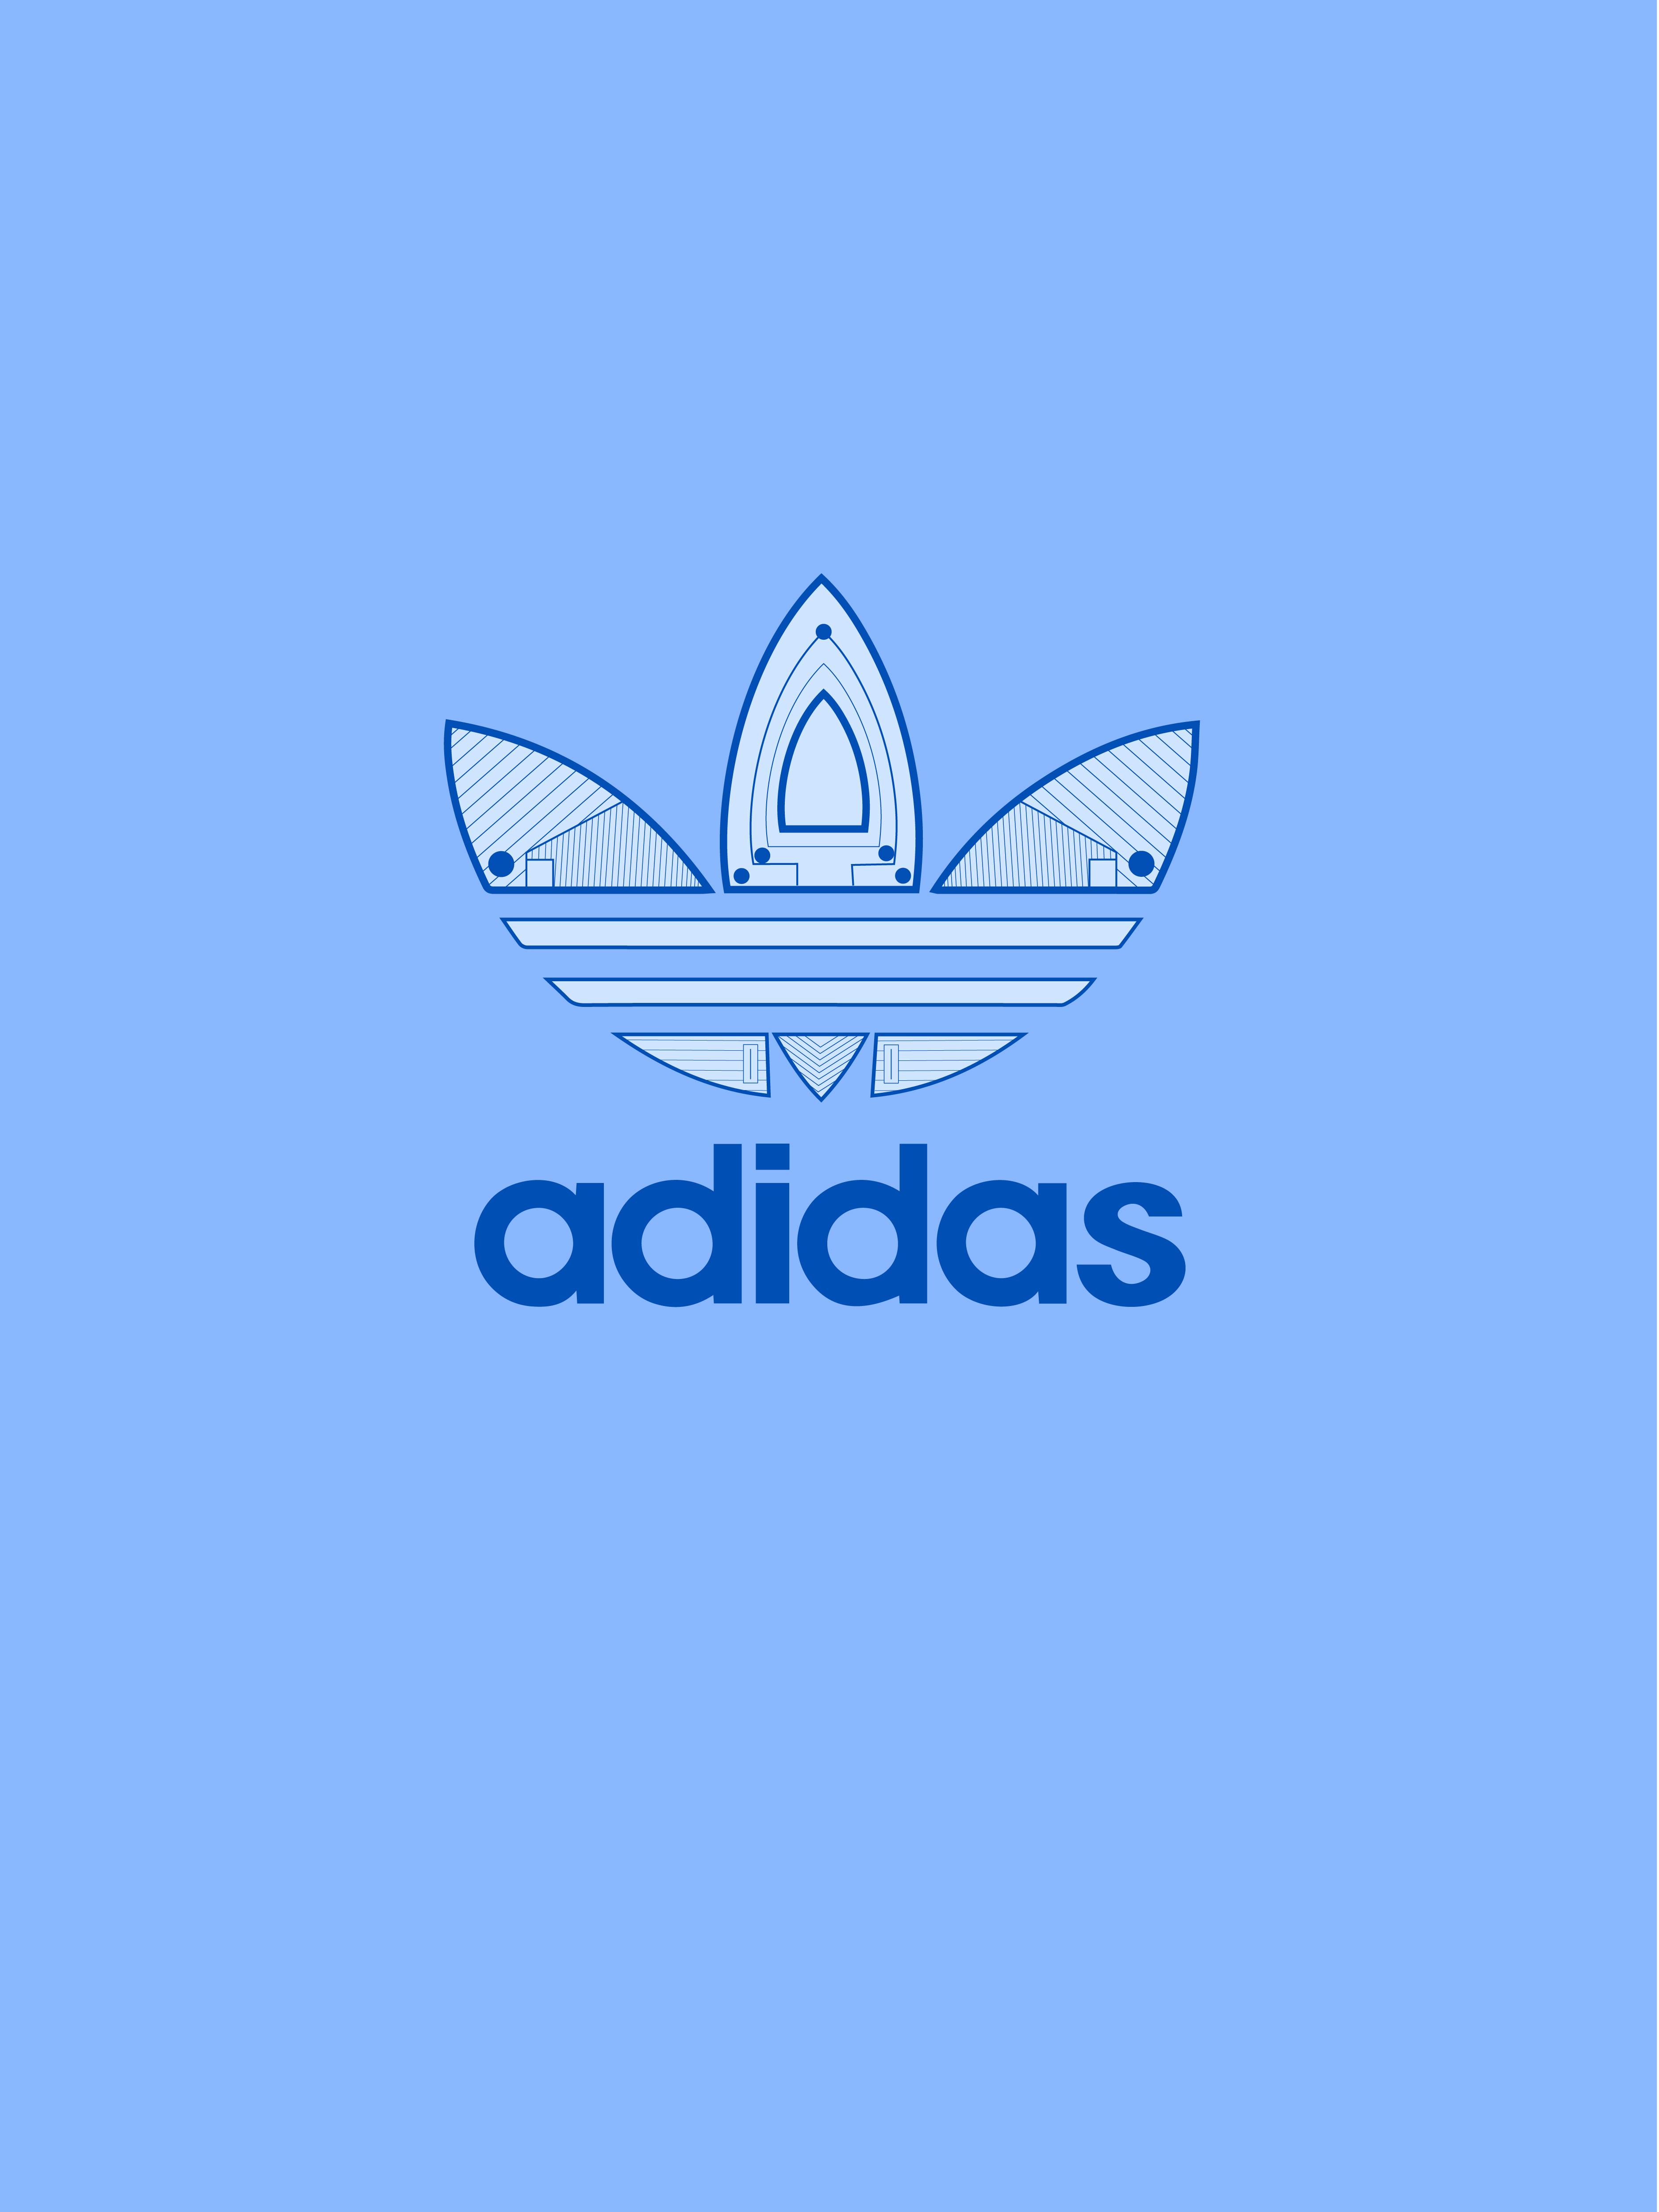 阿迪logo